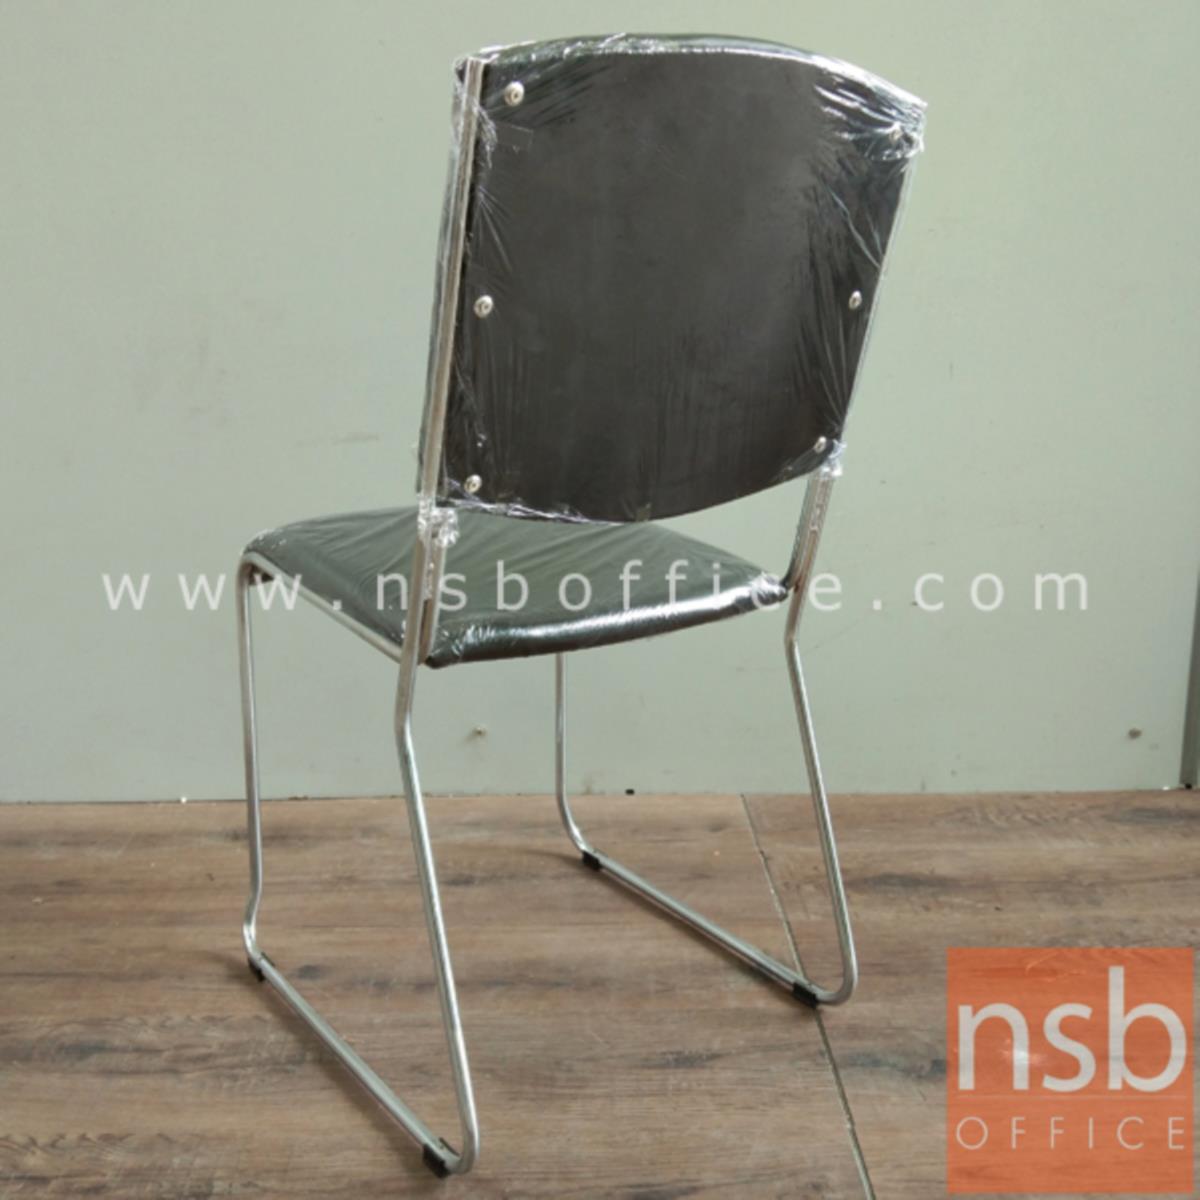 เก้าอี้รับแขกขาตัวยู  ขนาด 85H cm.  ขาเหล็กชุบโครเมี่ยม